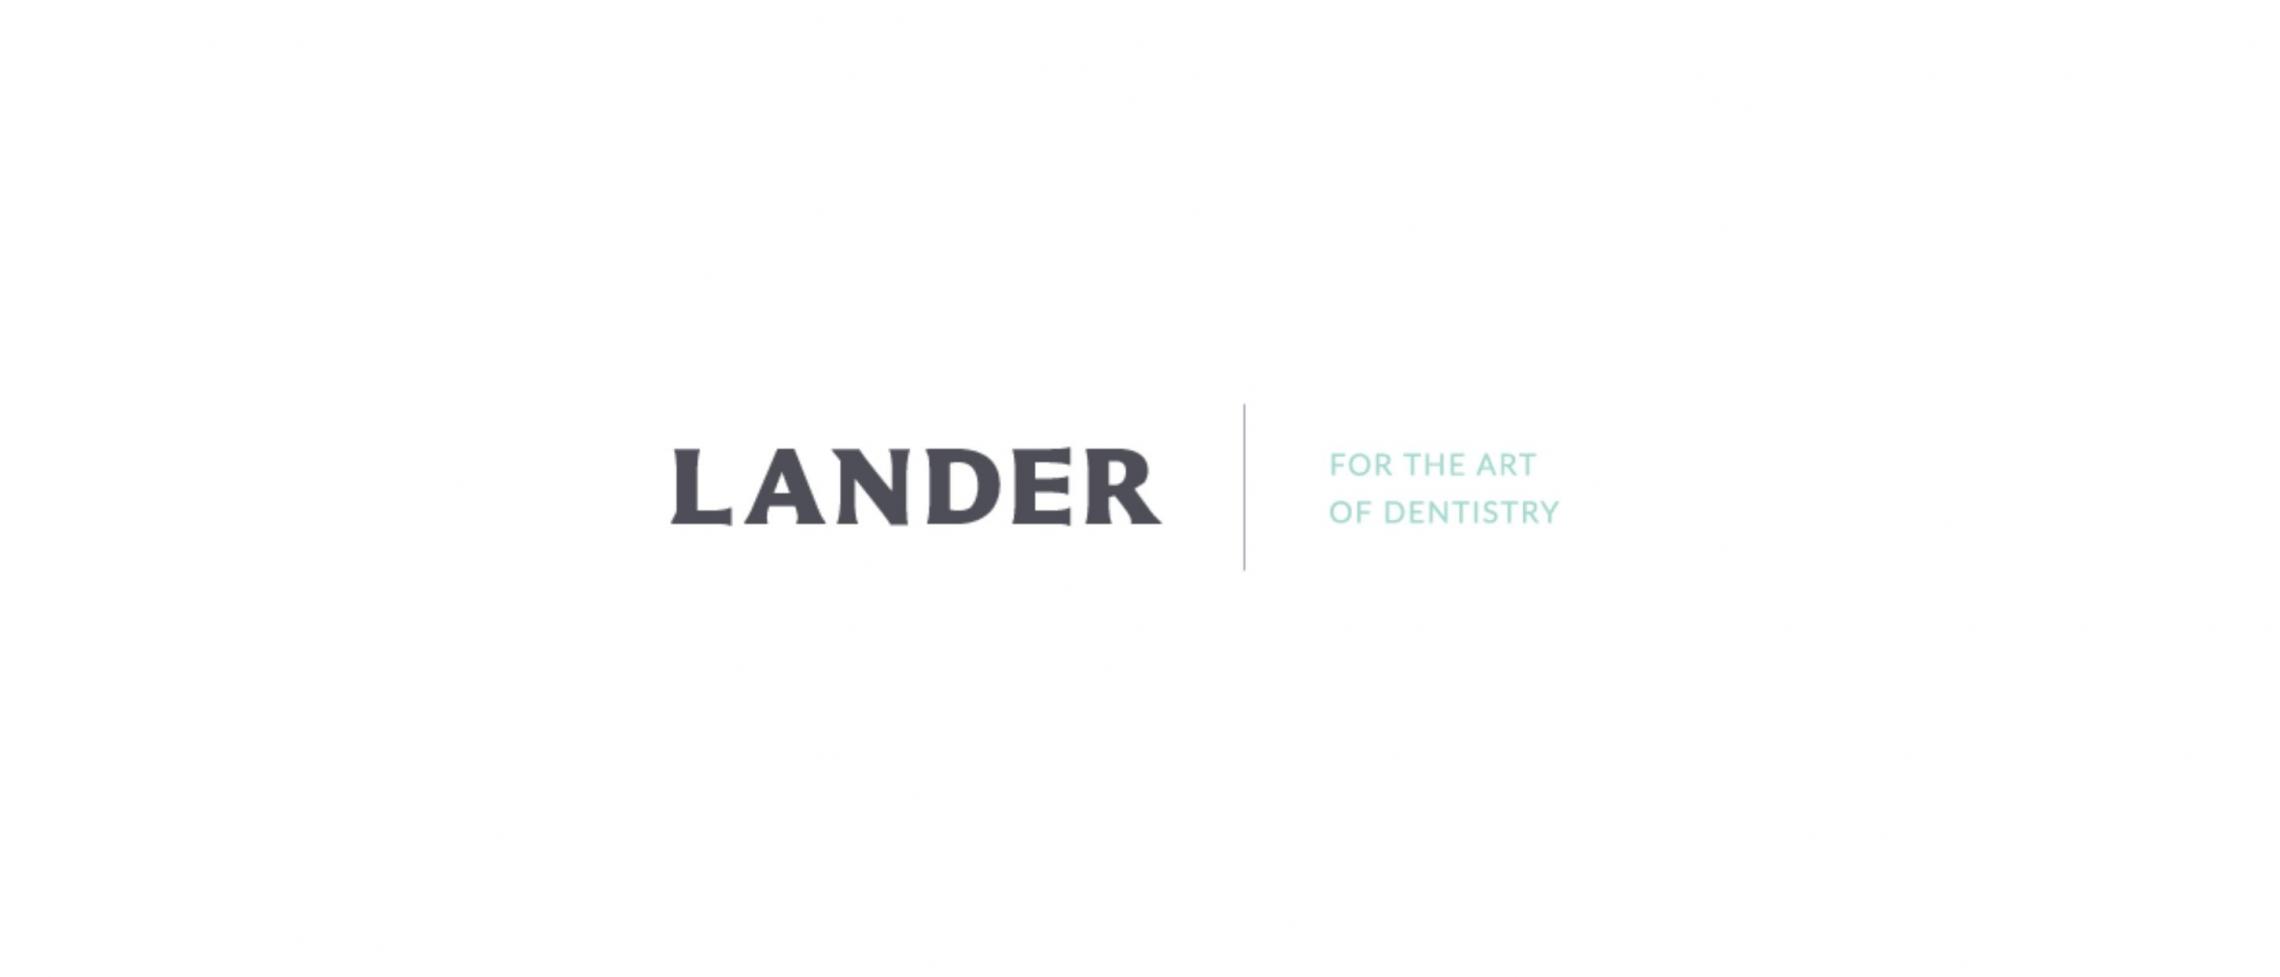 Lander Dentistry - The MiSmile Network